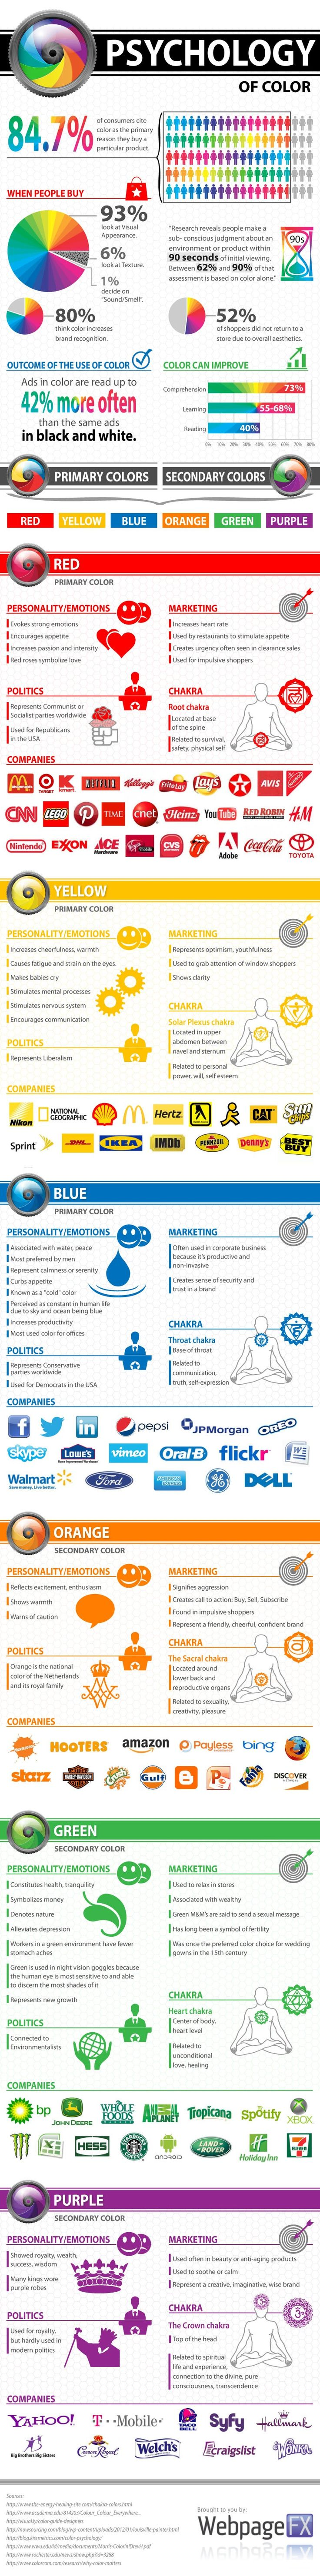 psychology-of-color.jpg (800×6443)